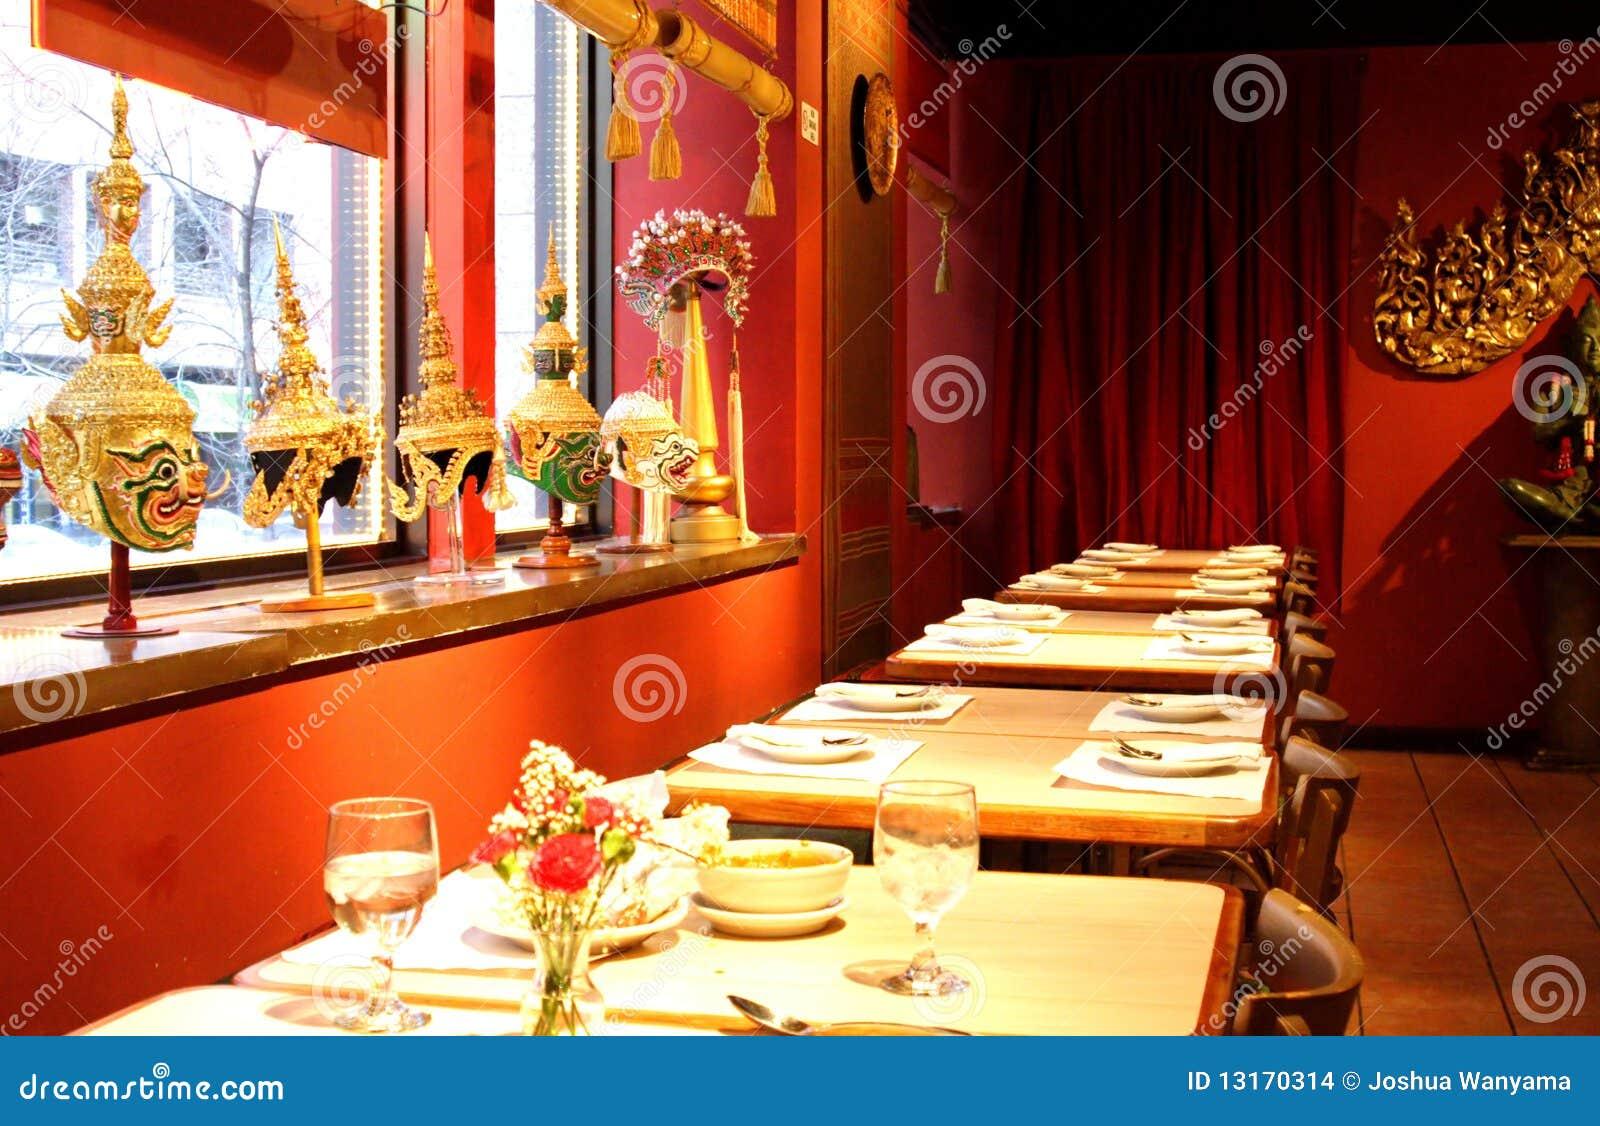 Asian restaurant stock photo. Image of glass, goblet - 13170314